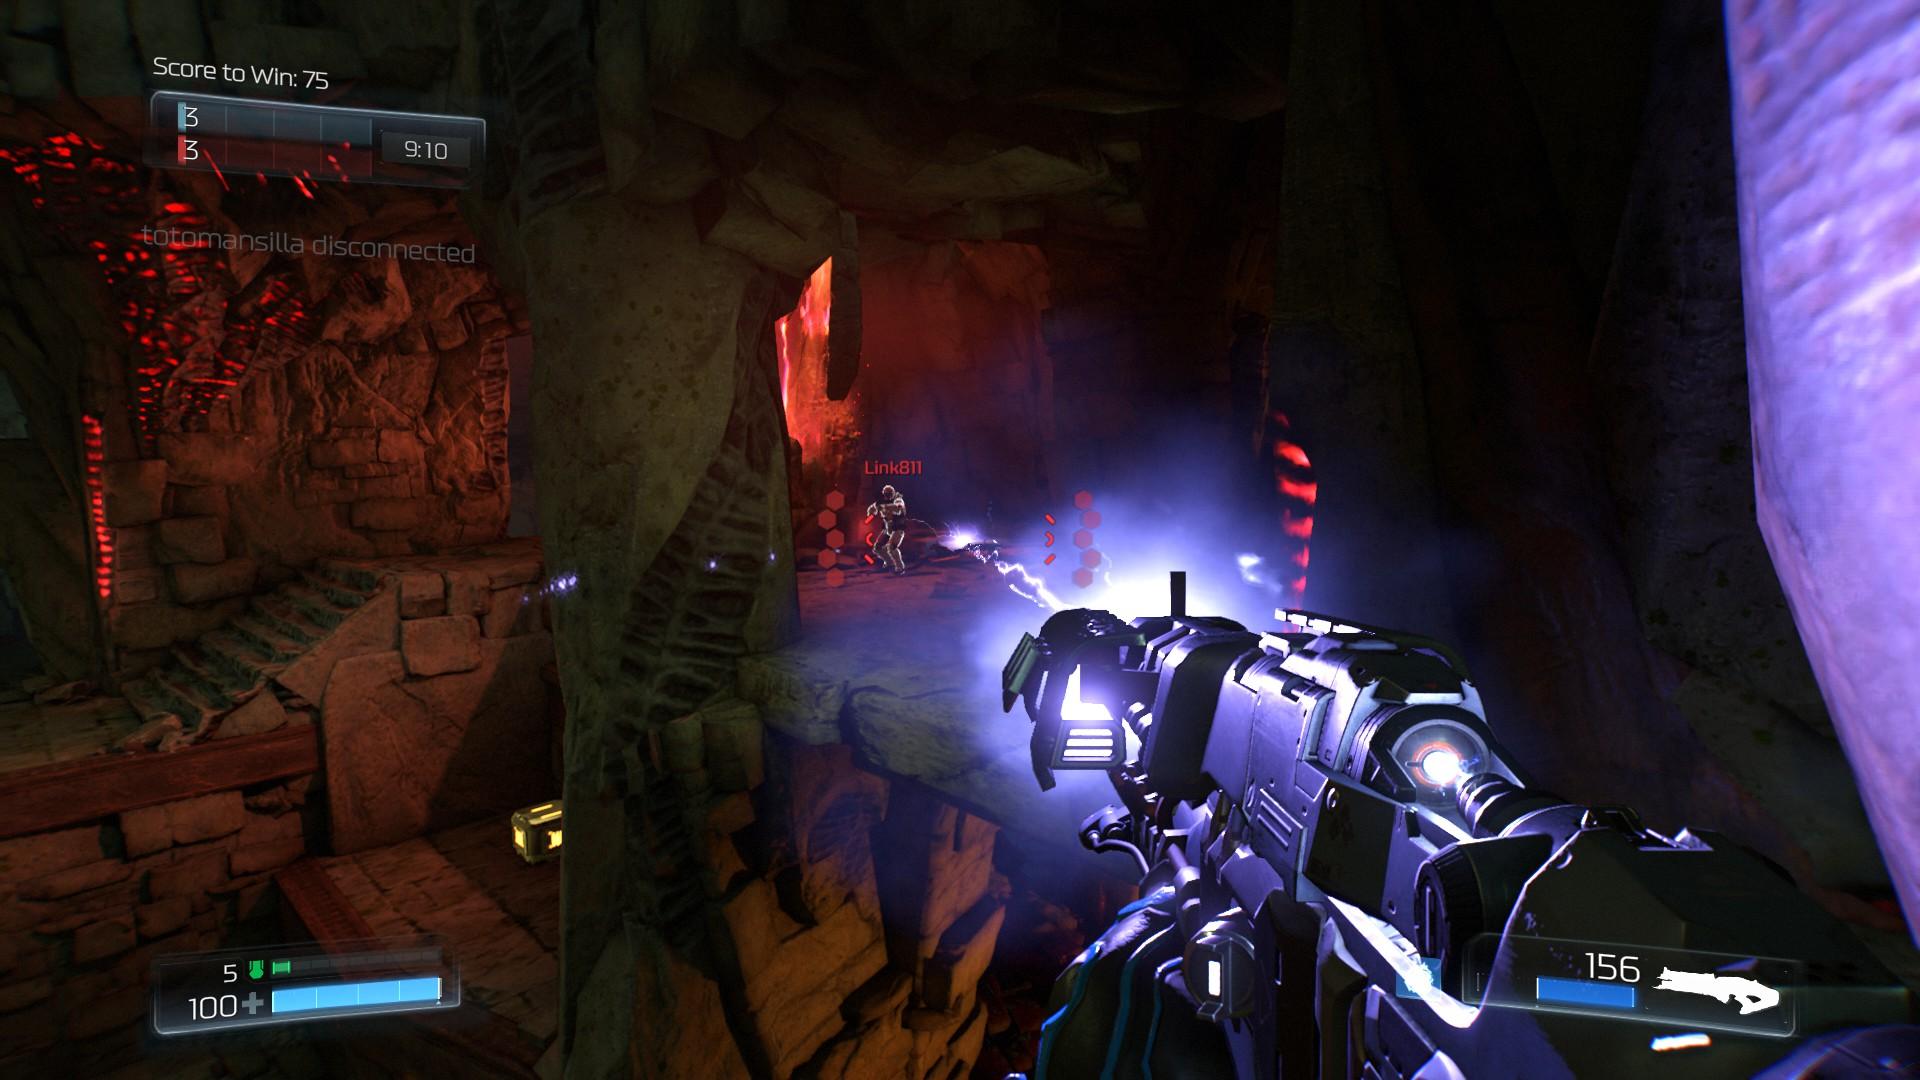 Doom - Imagem 1 do software